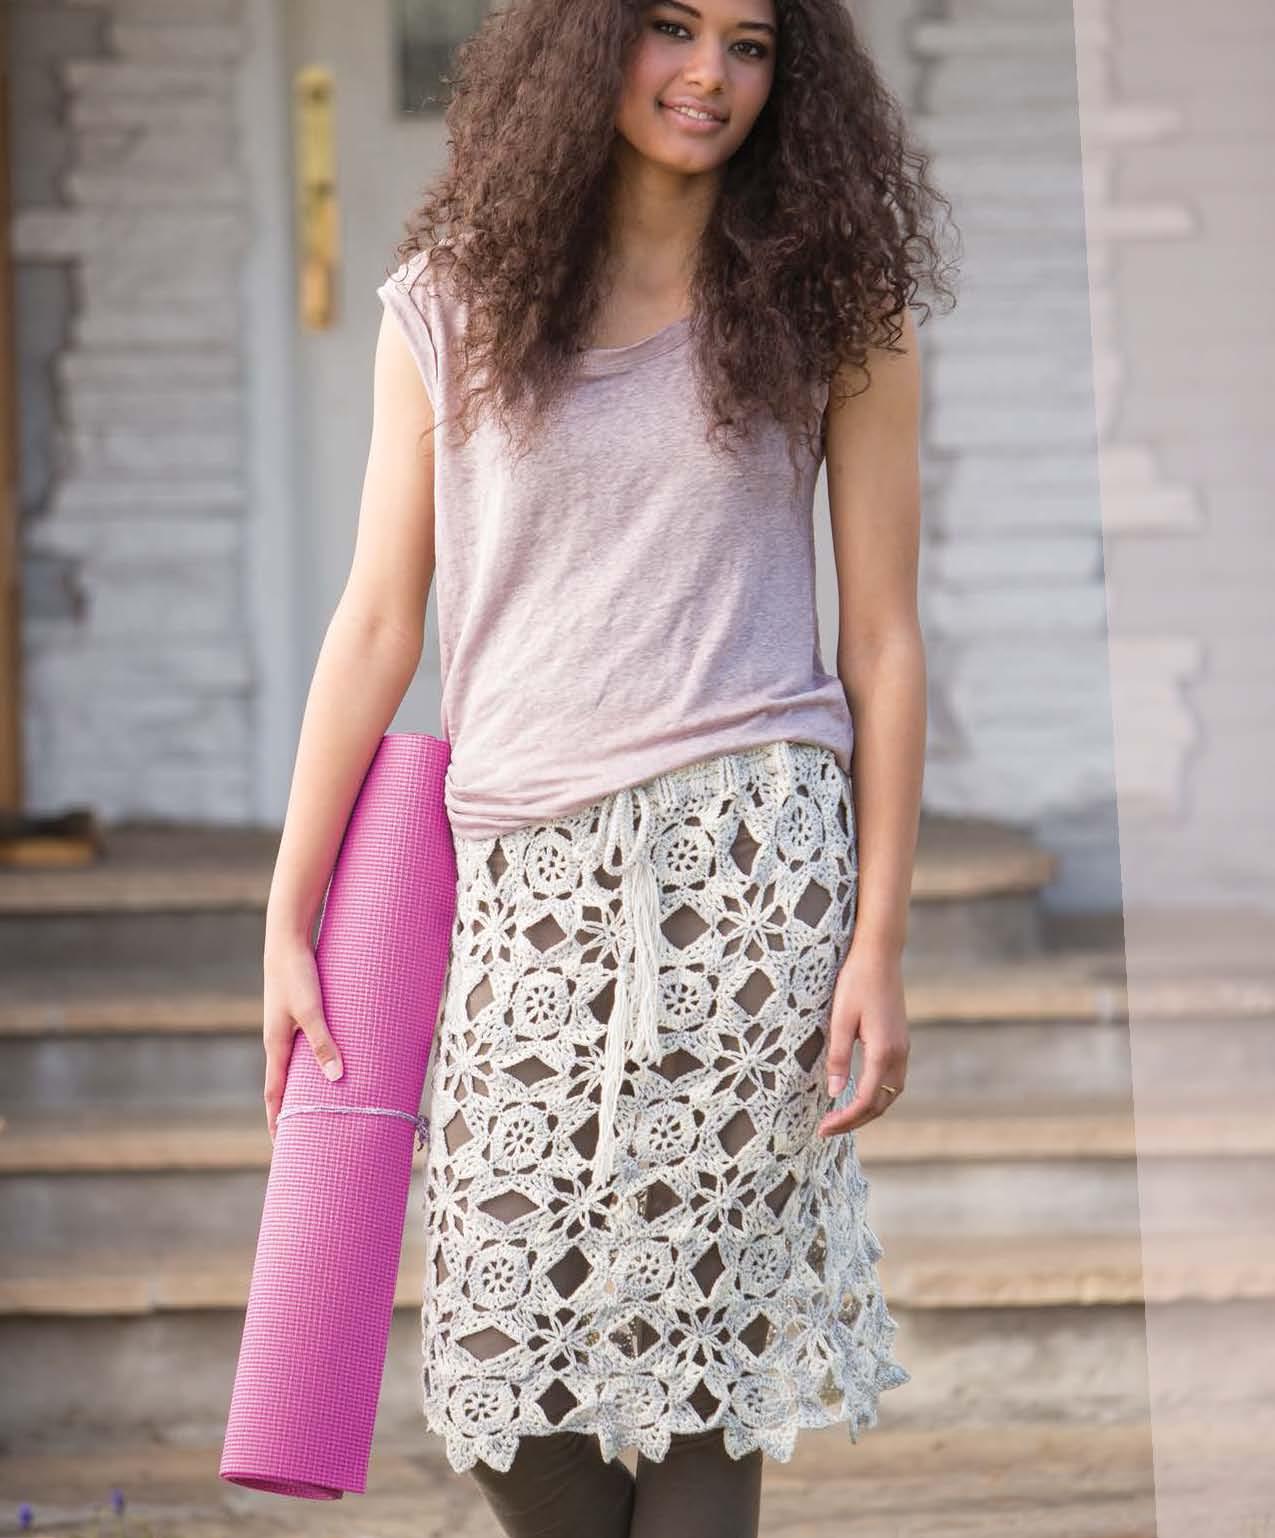 Crochet So Lovely -  Moonlight Stroll Skirt beauty shot.jpg